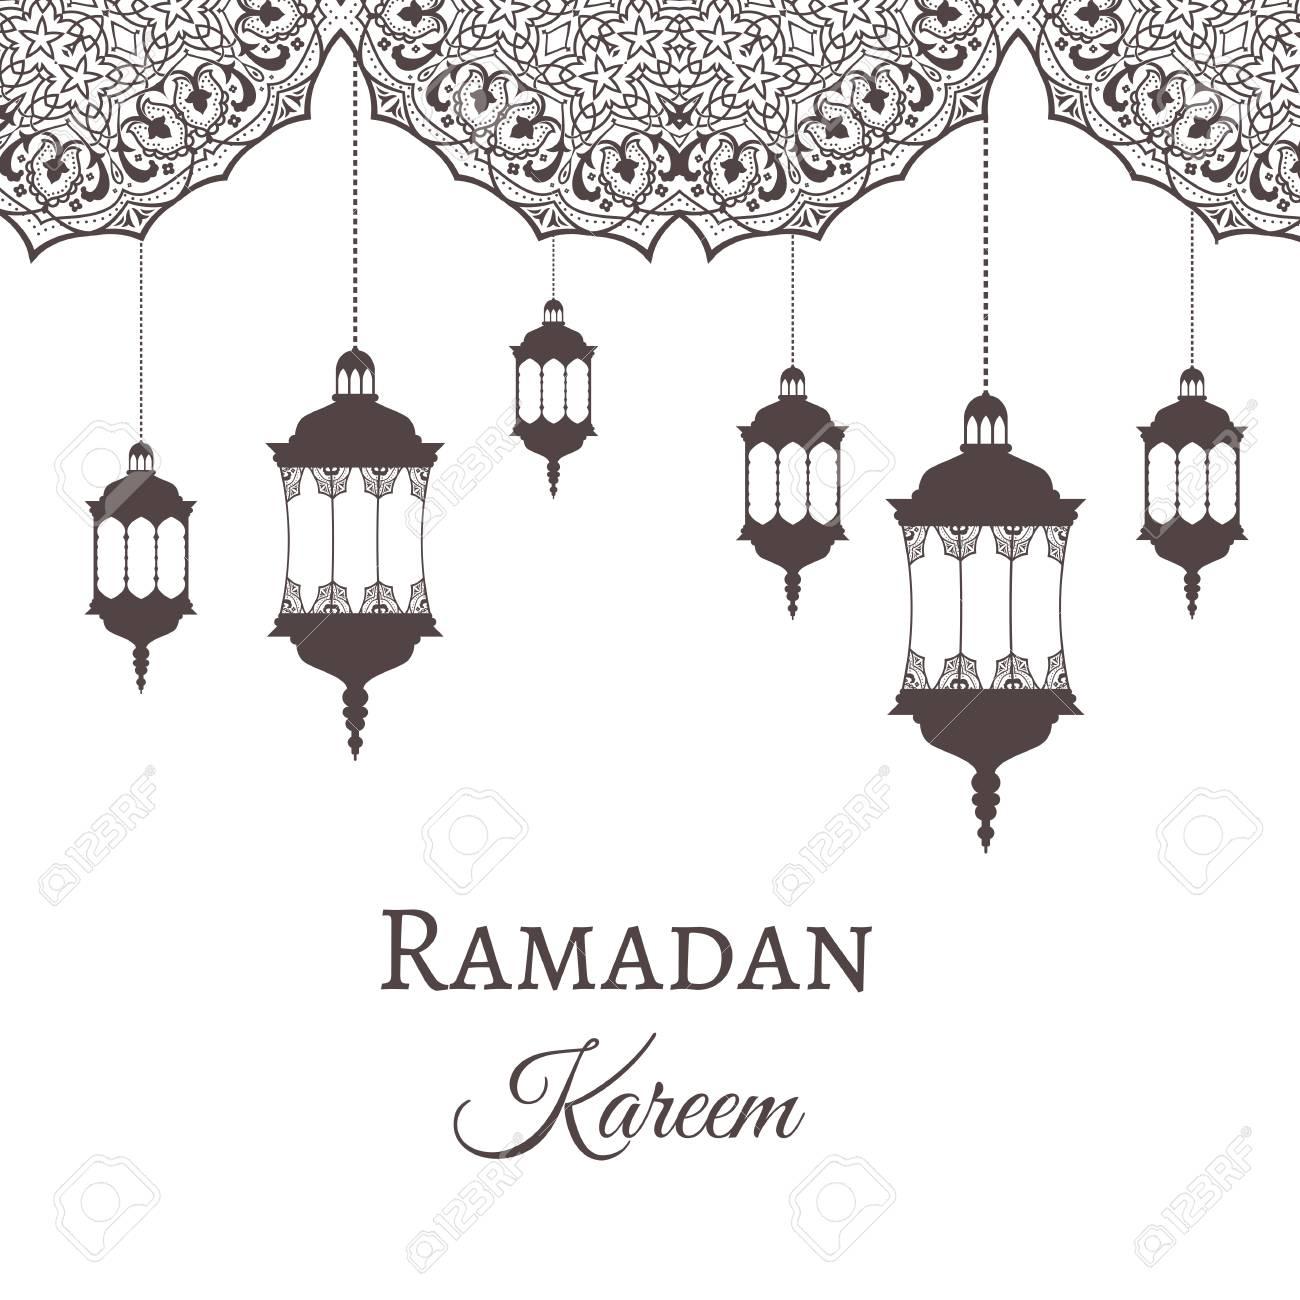 Ramadan Kareem Begrüßung Hintergrund Vorlage Arabische Design Muster